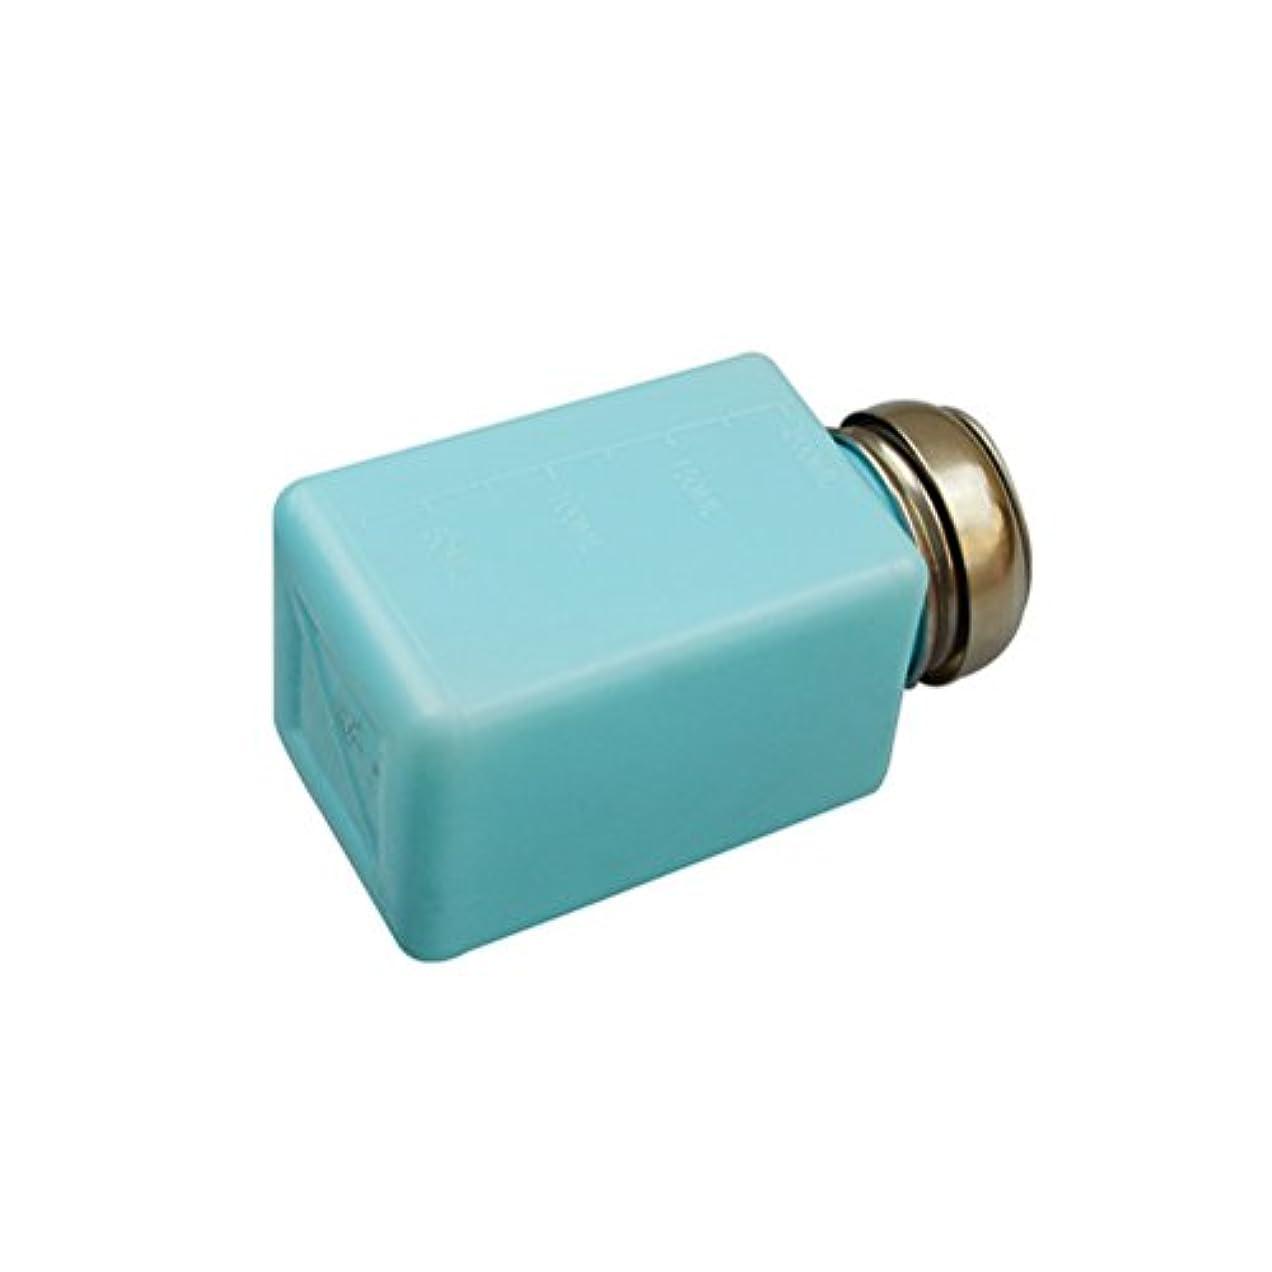 二年生雨同級生BESTOMZ アルコールボトル 便利 クレンジングオイル 小分け容器 静電防止 200ML(青)